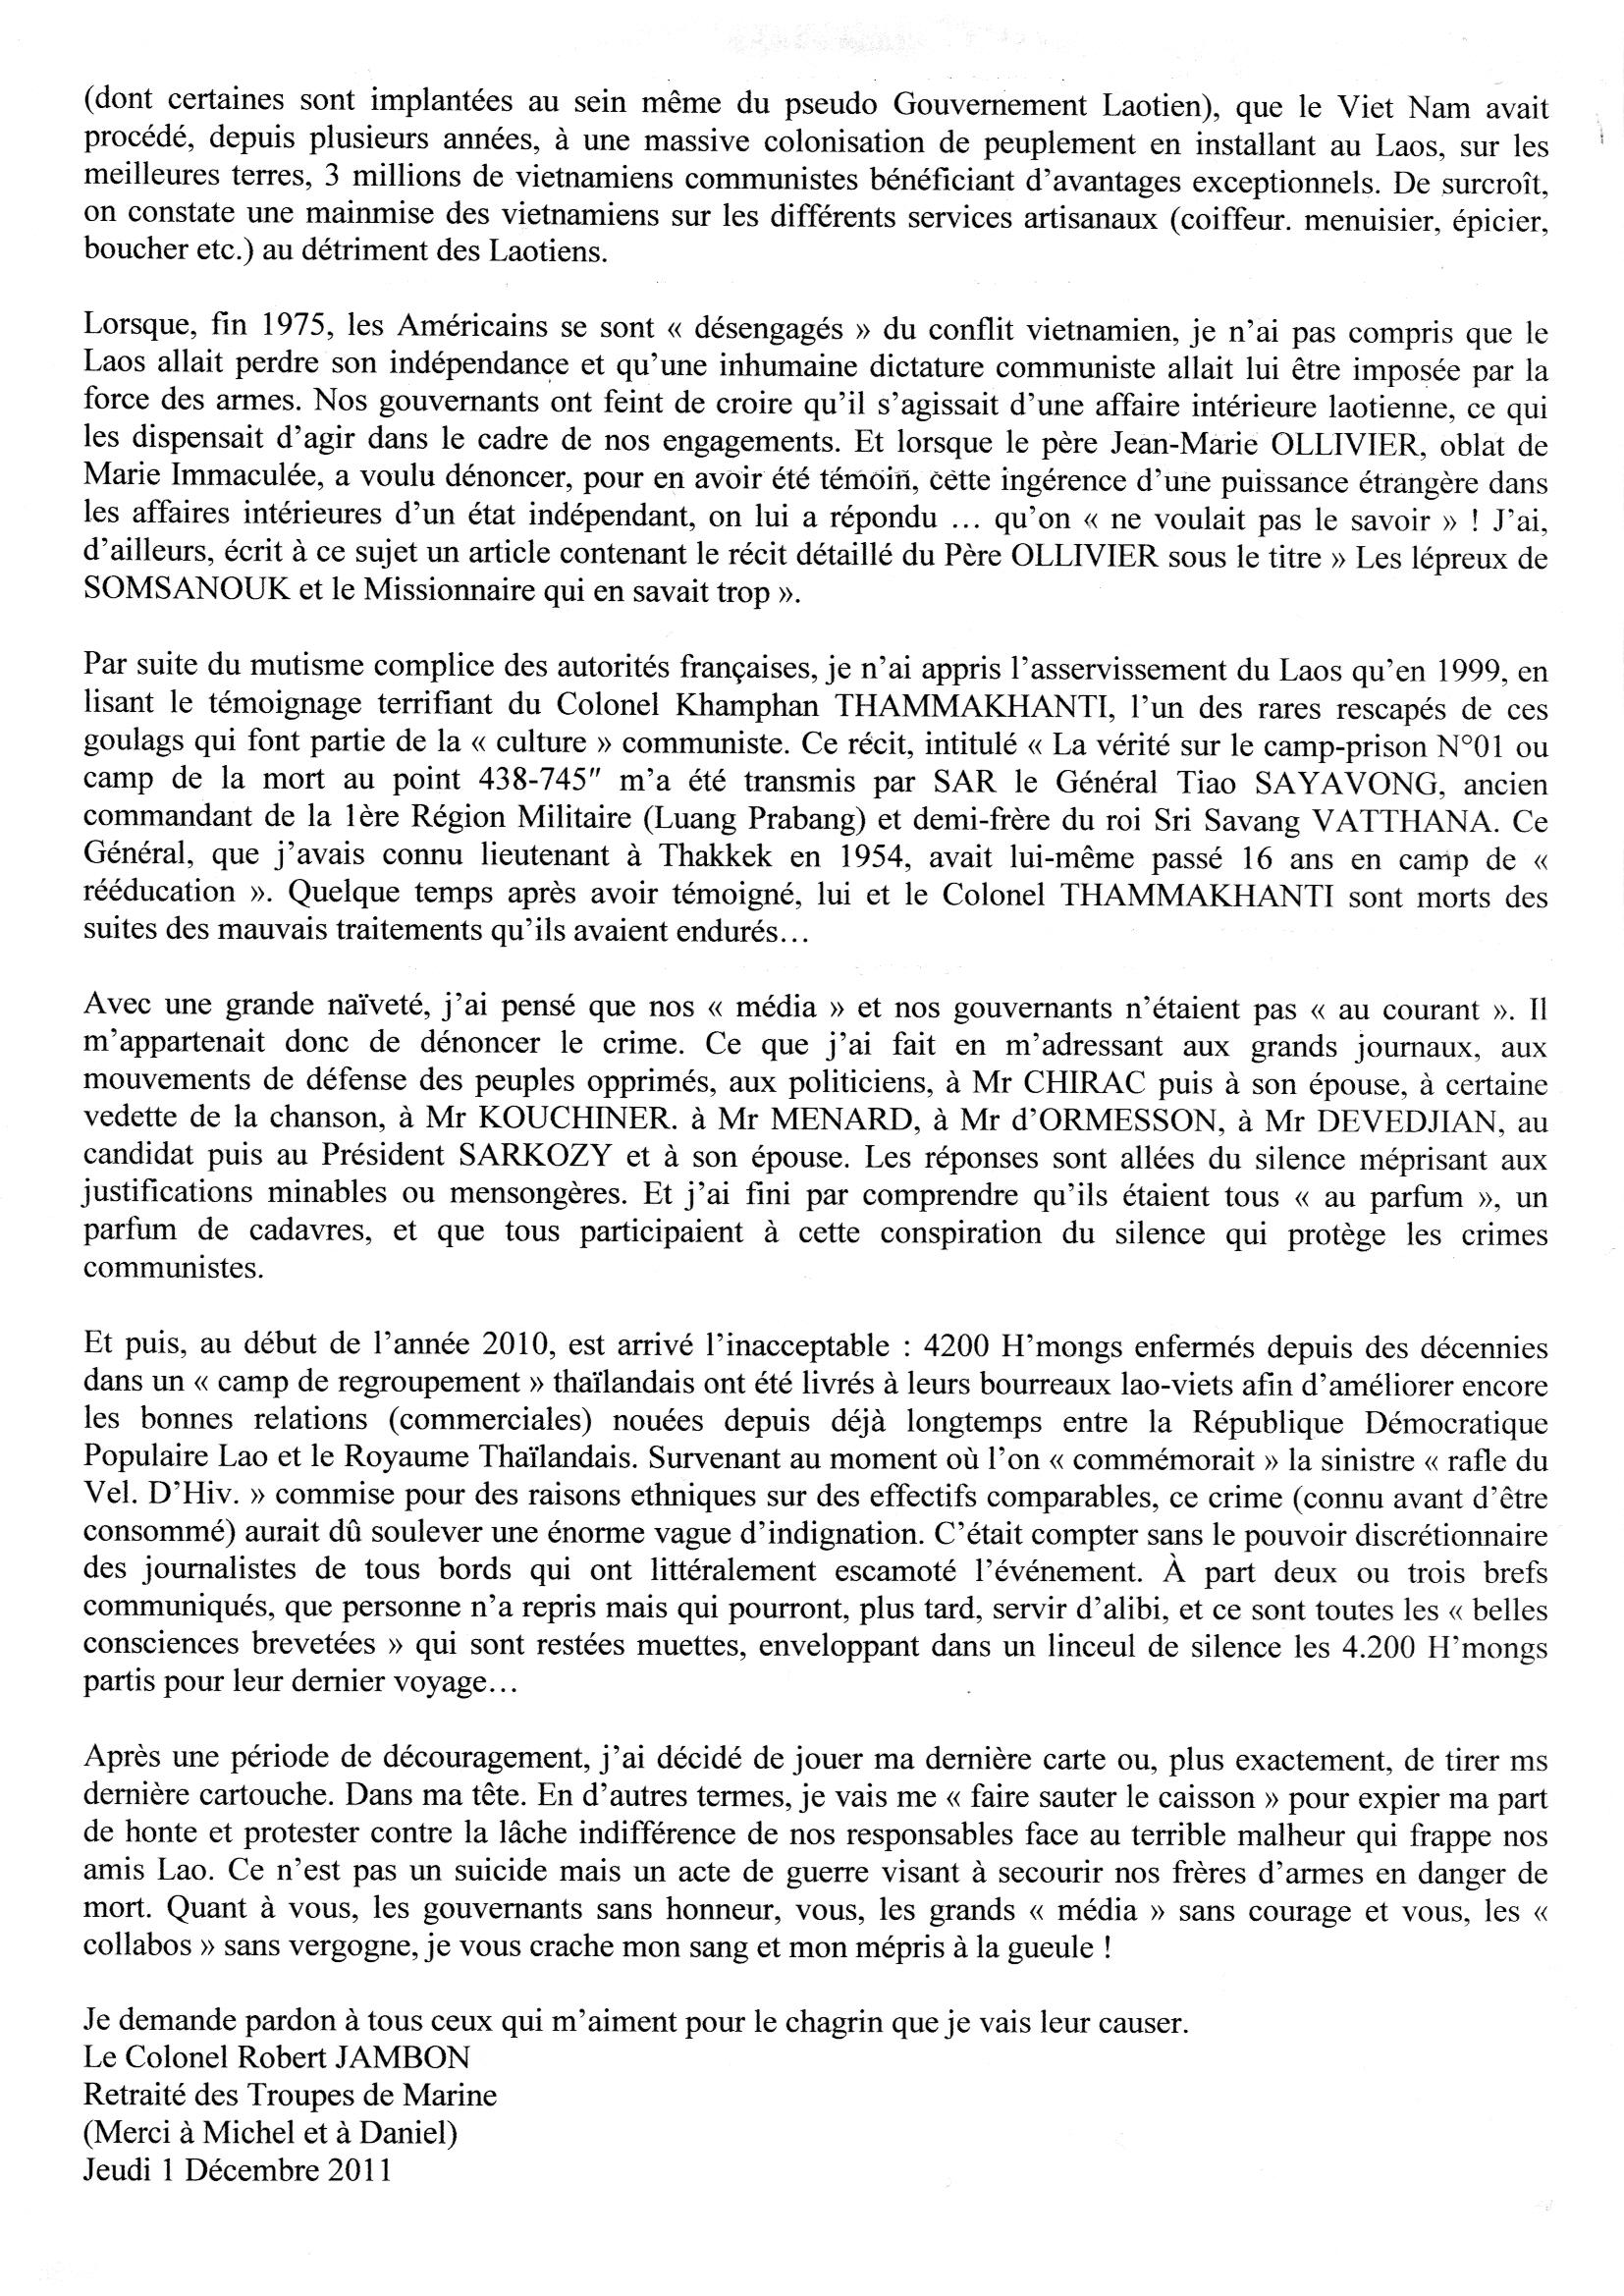 07-12-2011-lao-colonel-robert-jambon-2.JPG